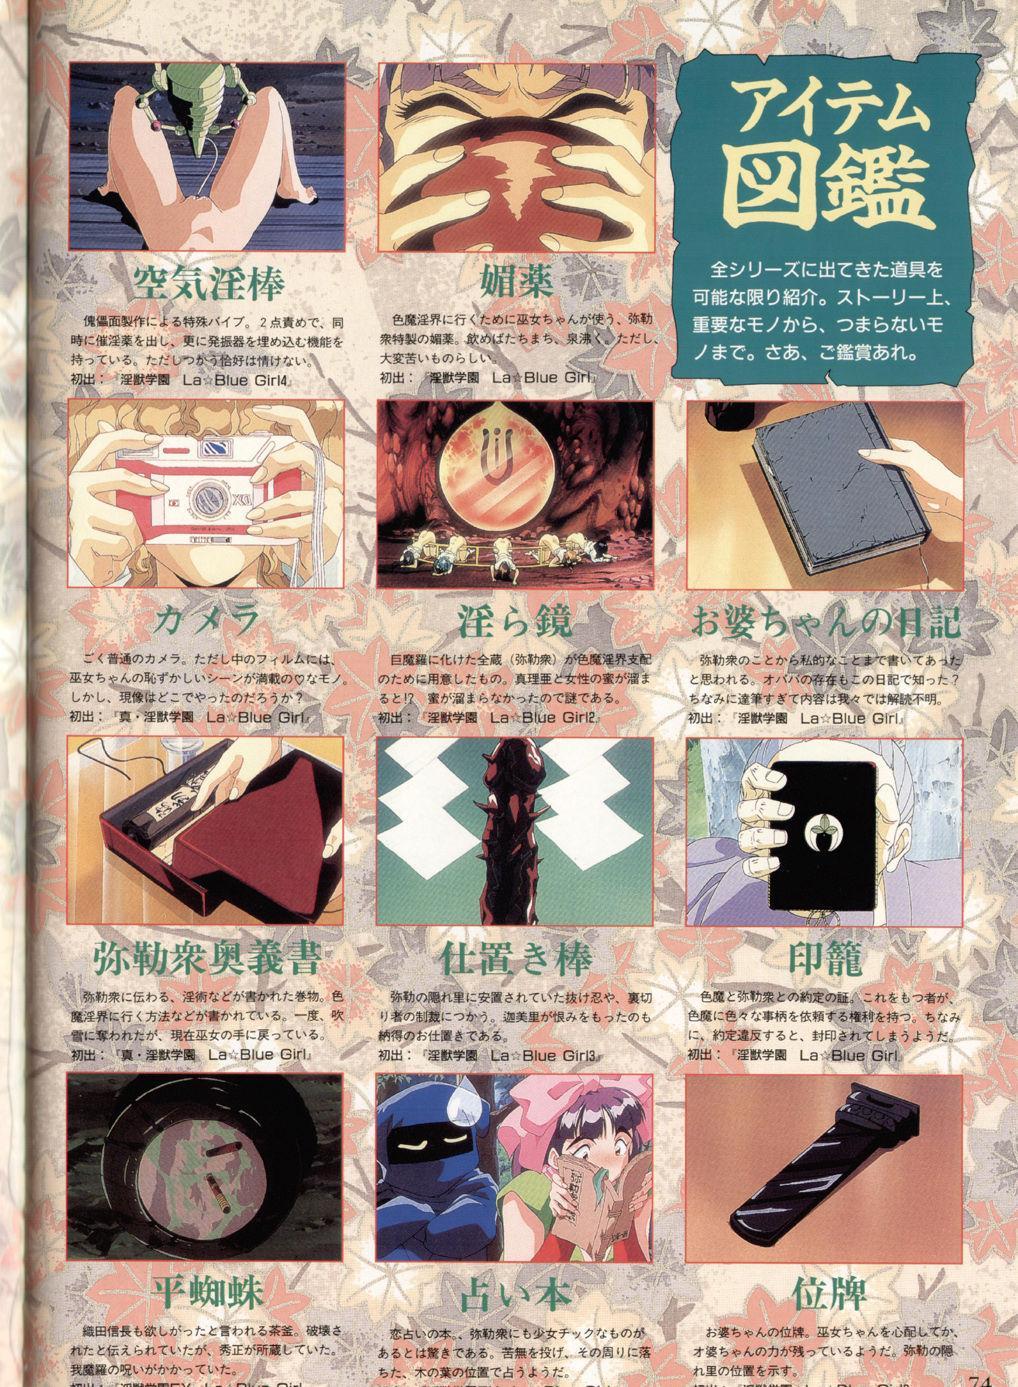 Injuu Gakuen You no Shou Secret File 69